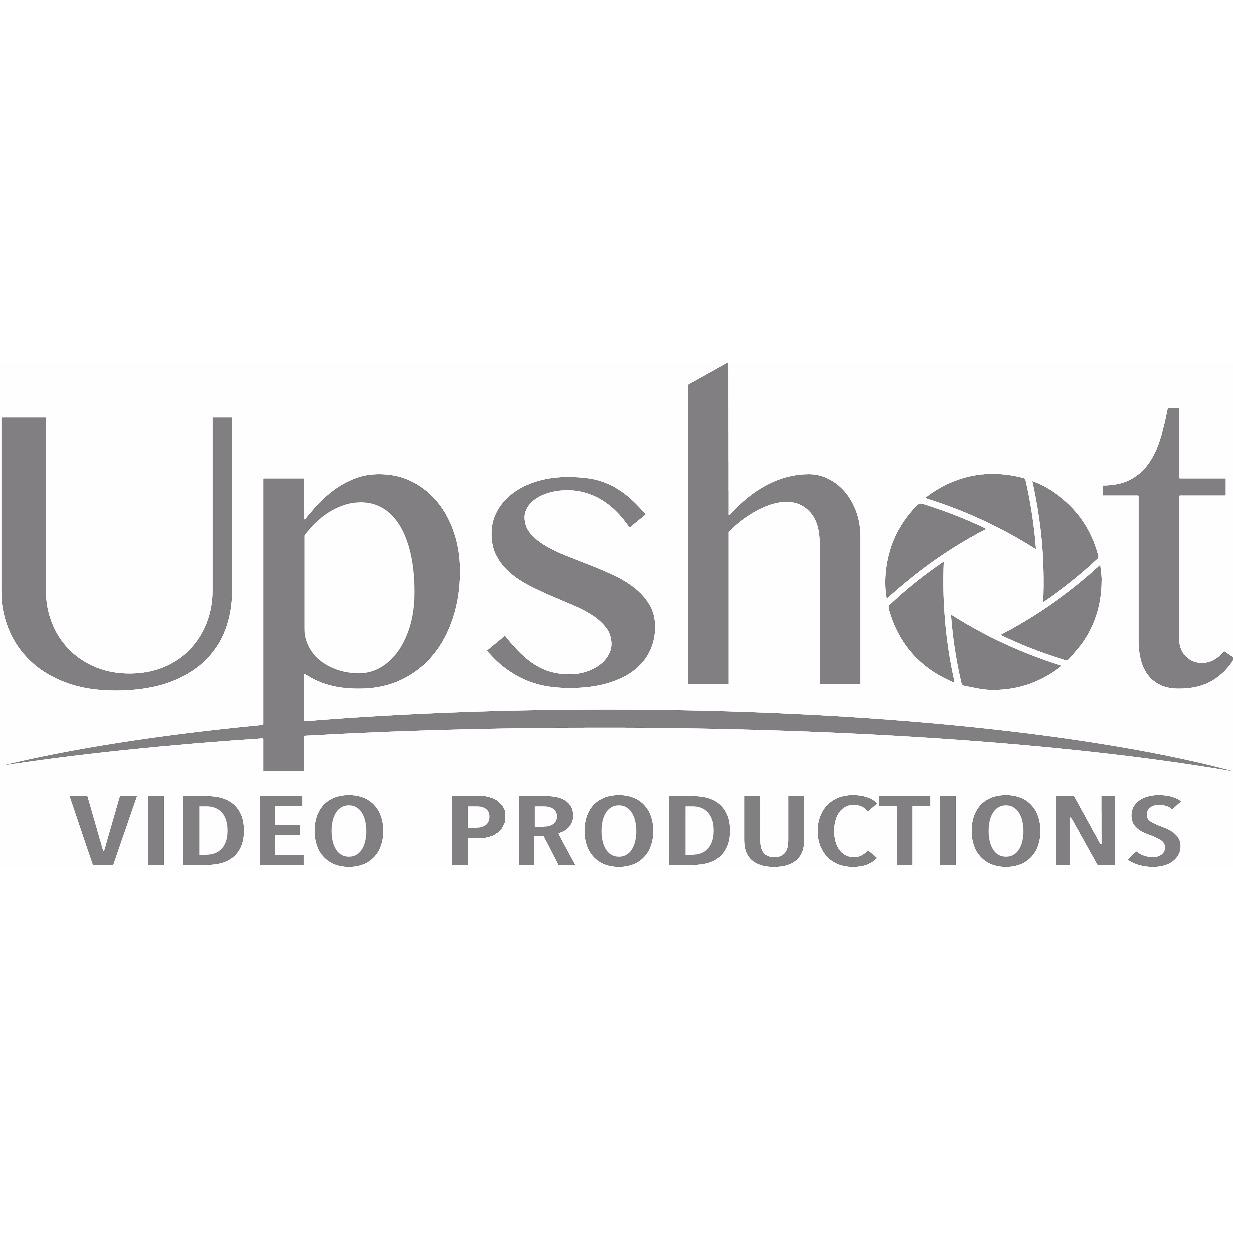 Upshot Video Productions - Sarasota, FL 34239 - (941)549-2823 | ShowMeLocal.com